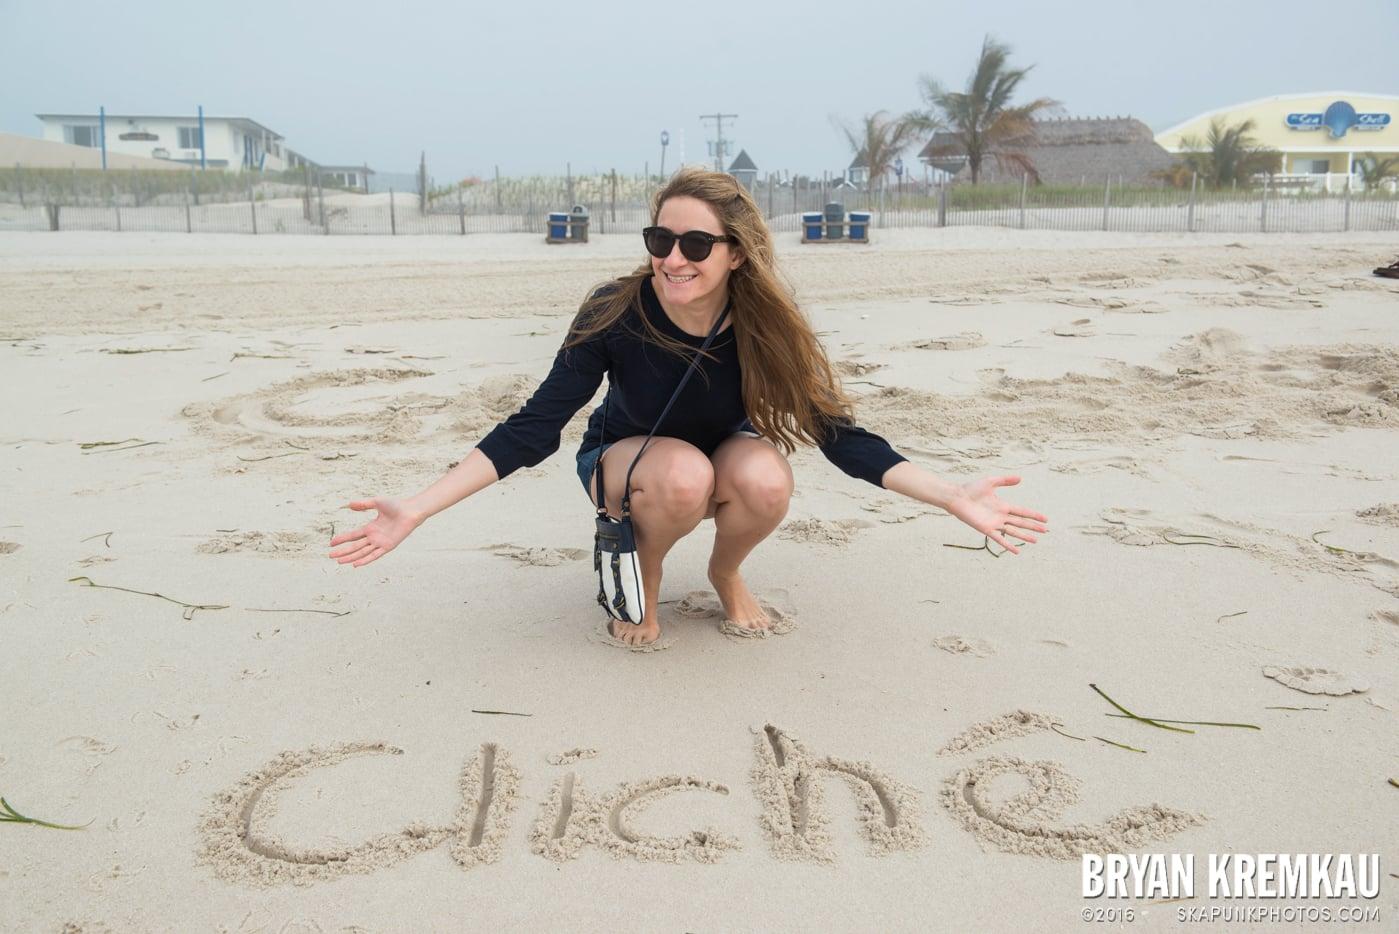 Beach Haven, Long Beach Island, NJ - 6.16.14 - 6.18.14 (65)